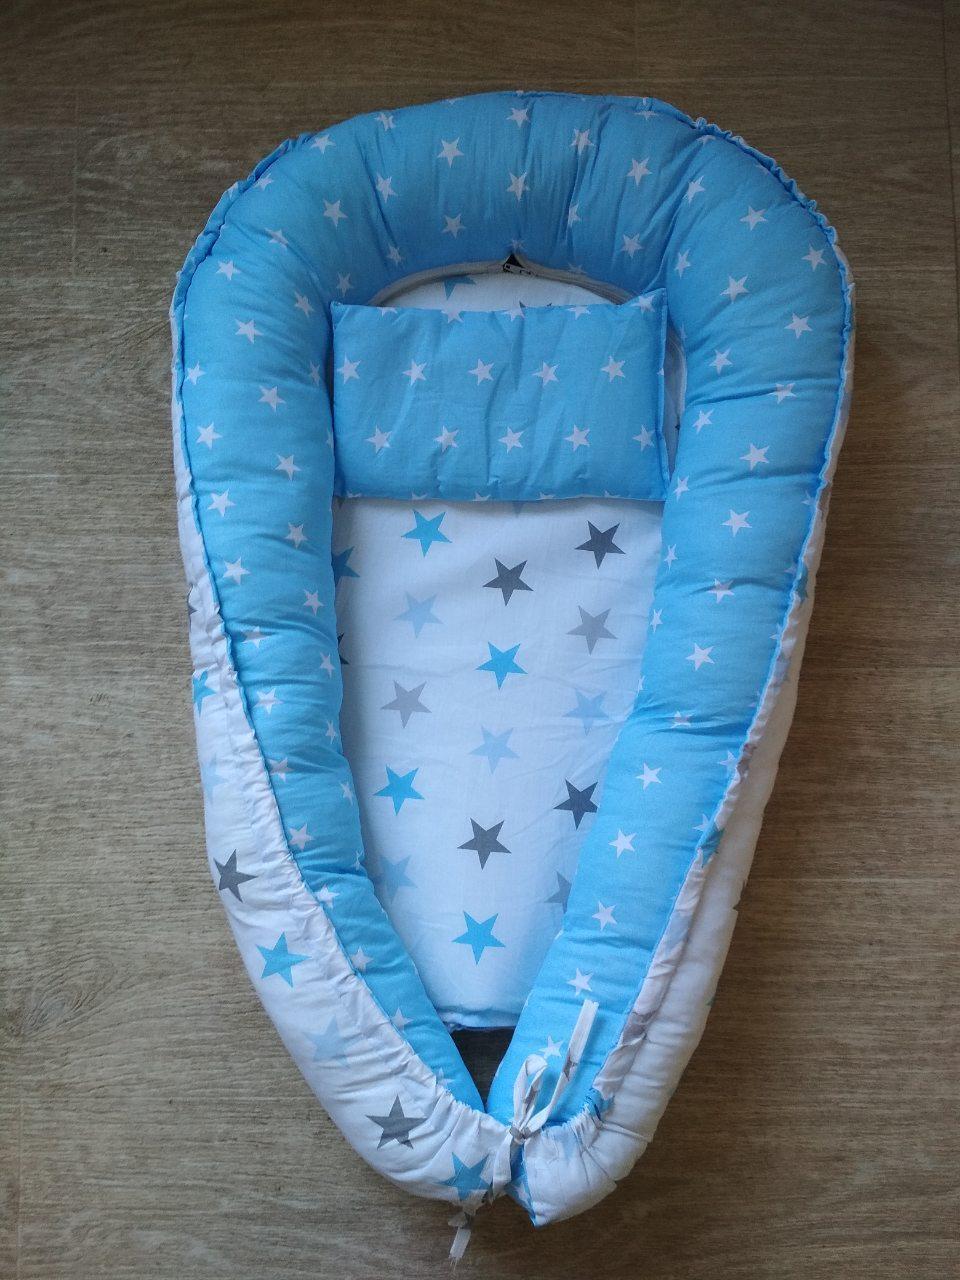 Двухсторонний позиционер для новорожденного с подушкой голубого цвета